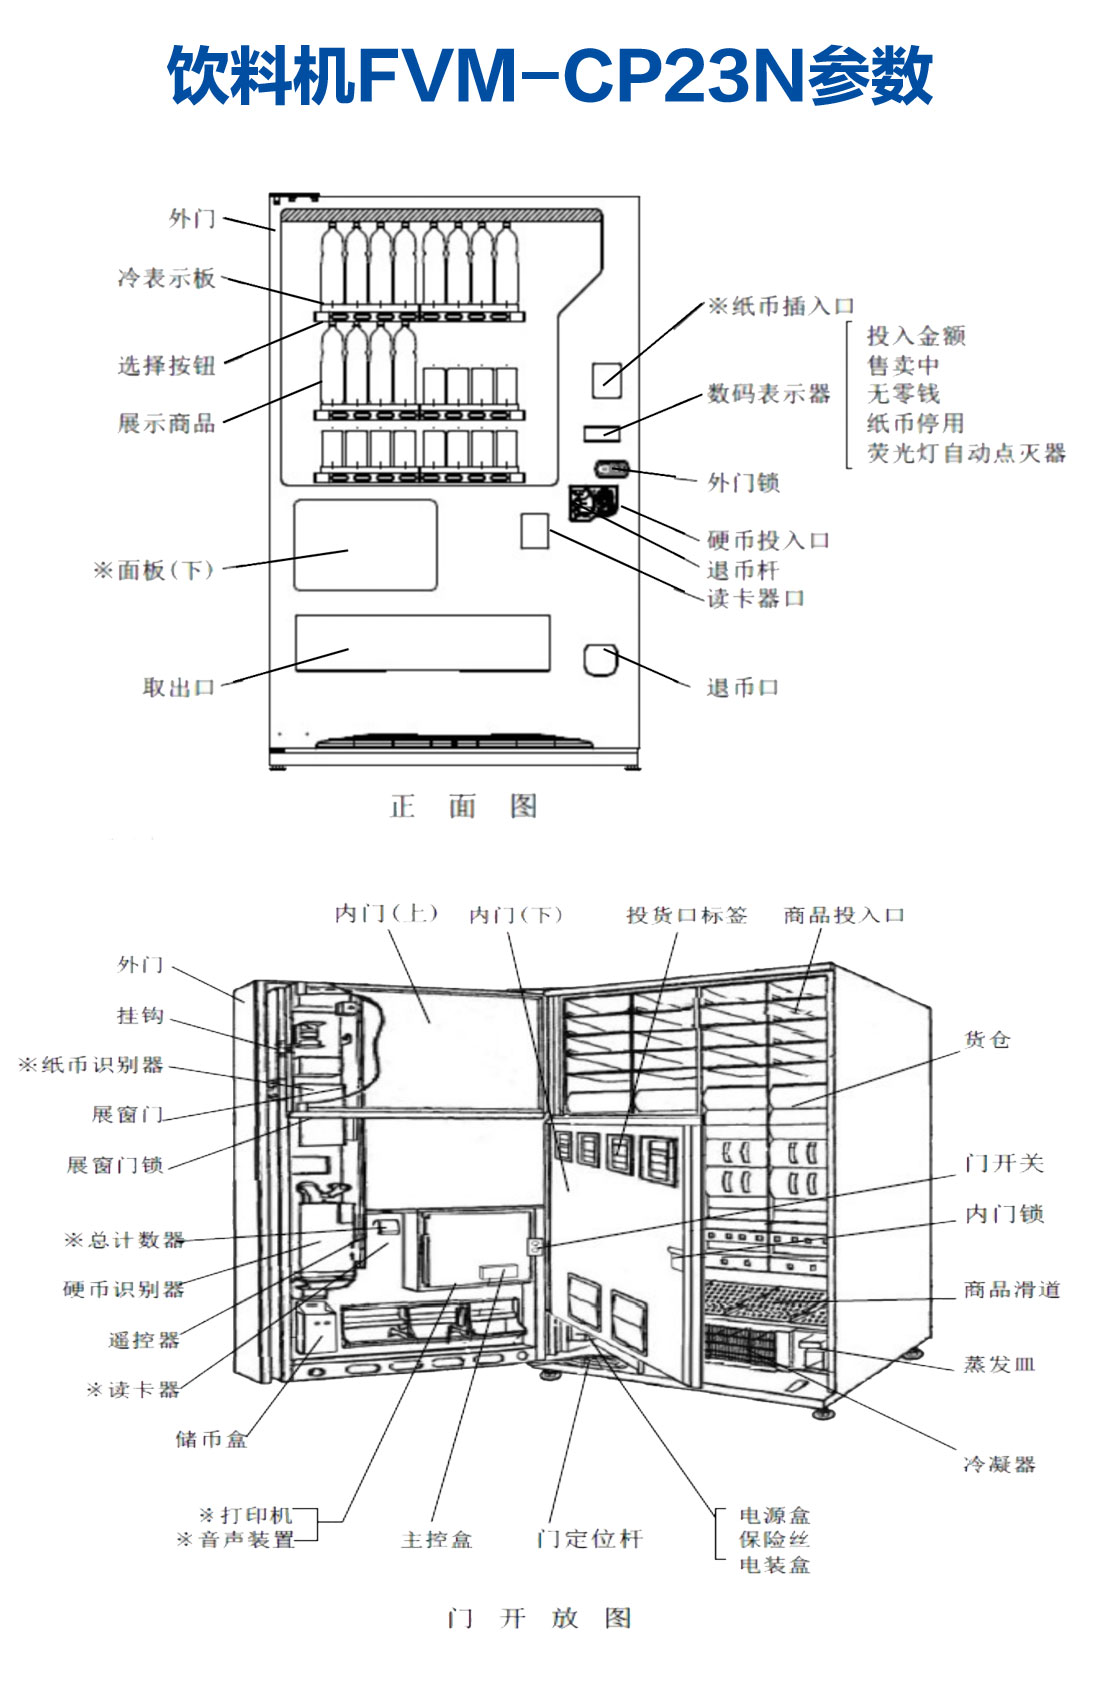 自动售货机,自动售货机厂家,富宏自动售货机,广东自动售货机 ,广州自动售货机,免费自动售货机,